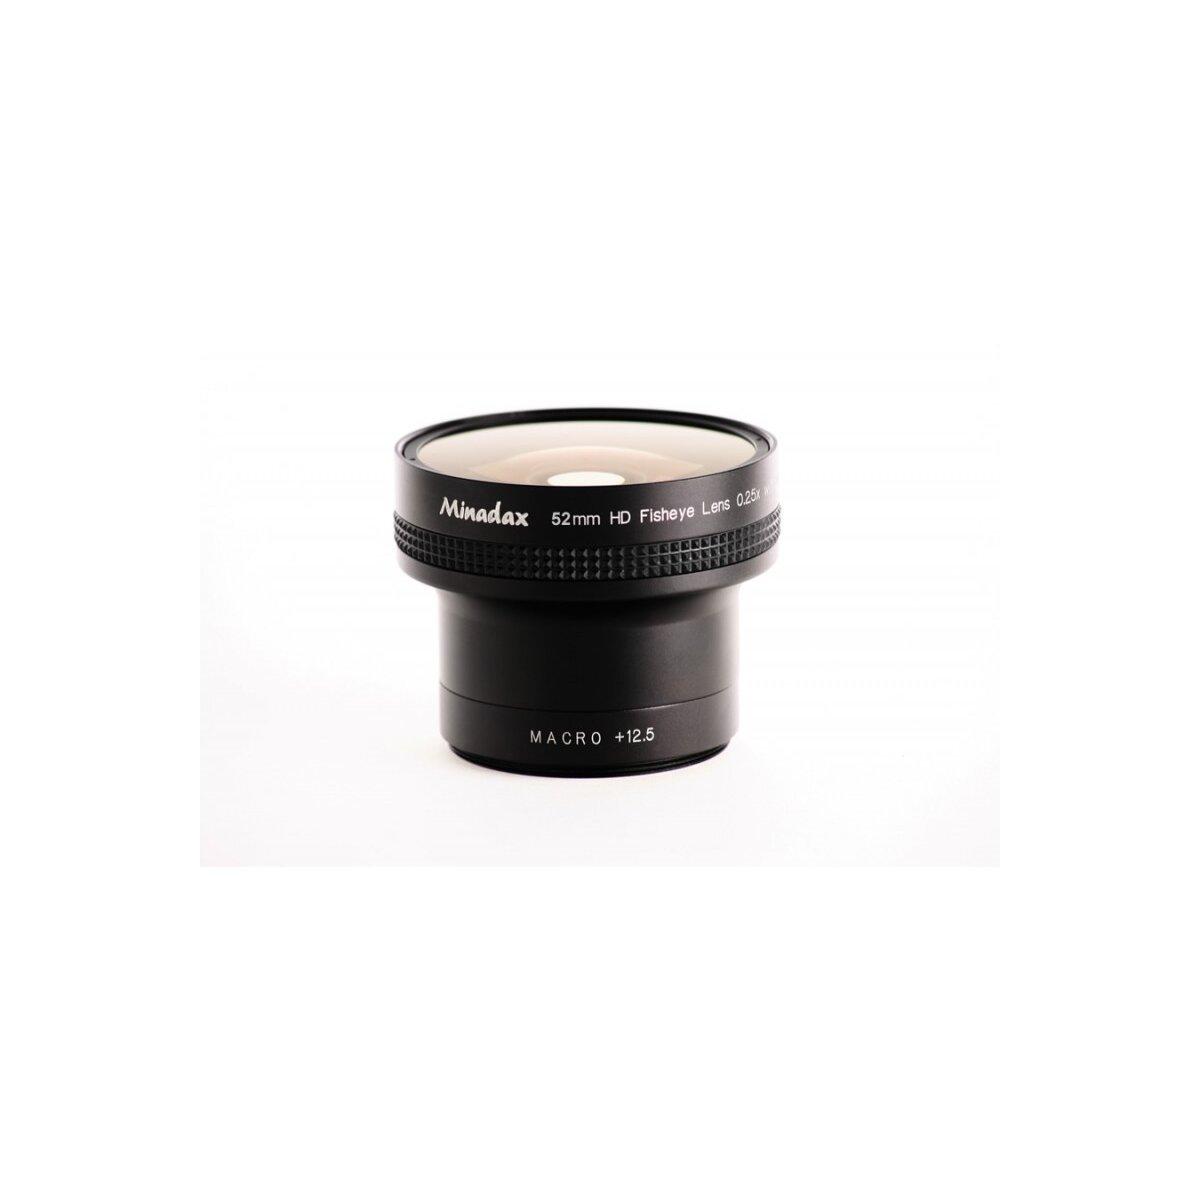 Minadax 0.25x Fisheye Vorsatz kompatibel mit Nikon Coolpix 5700, 8700 - in schwarz